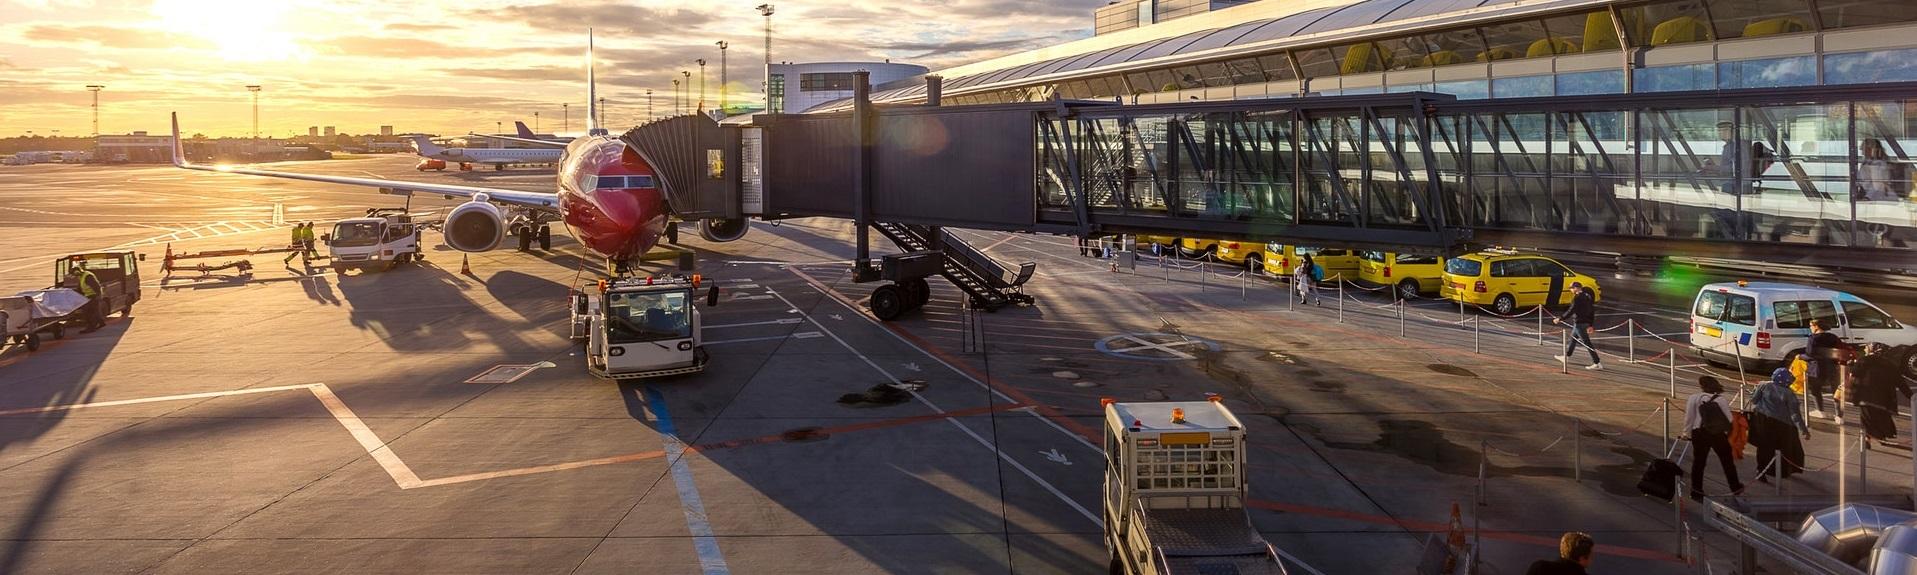 delayed aircraft waiting at gate